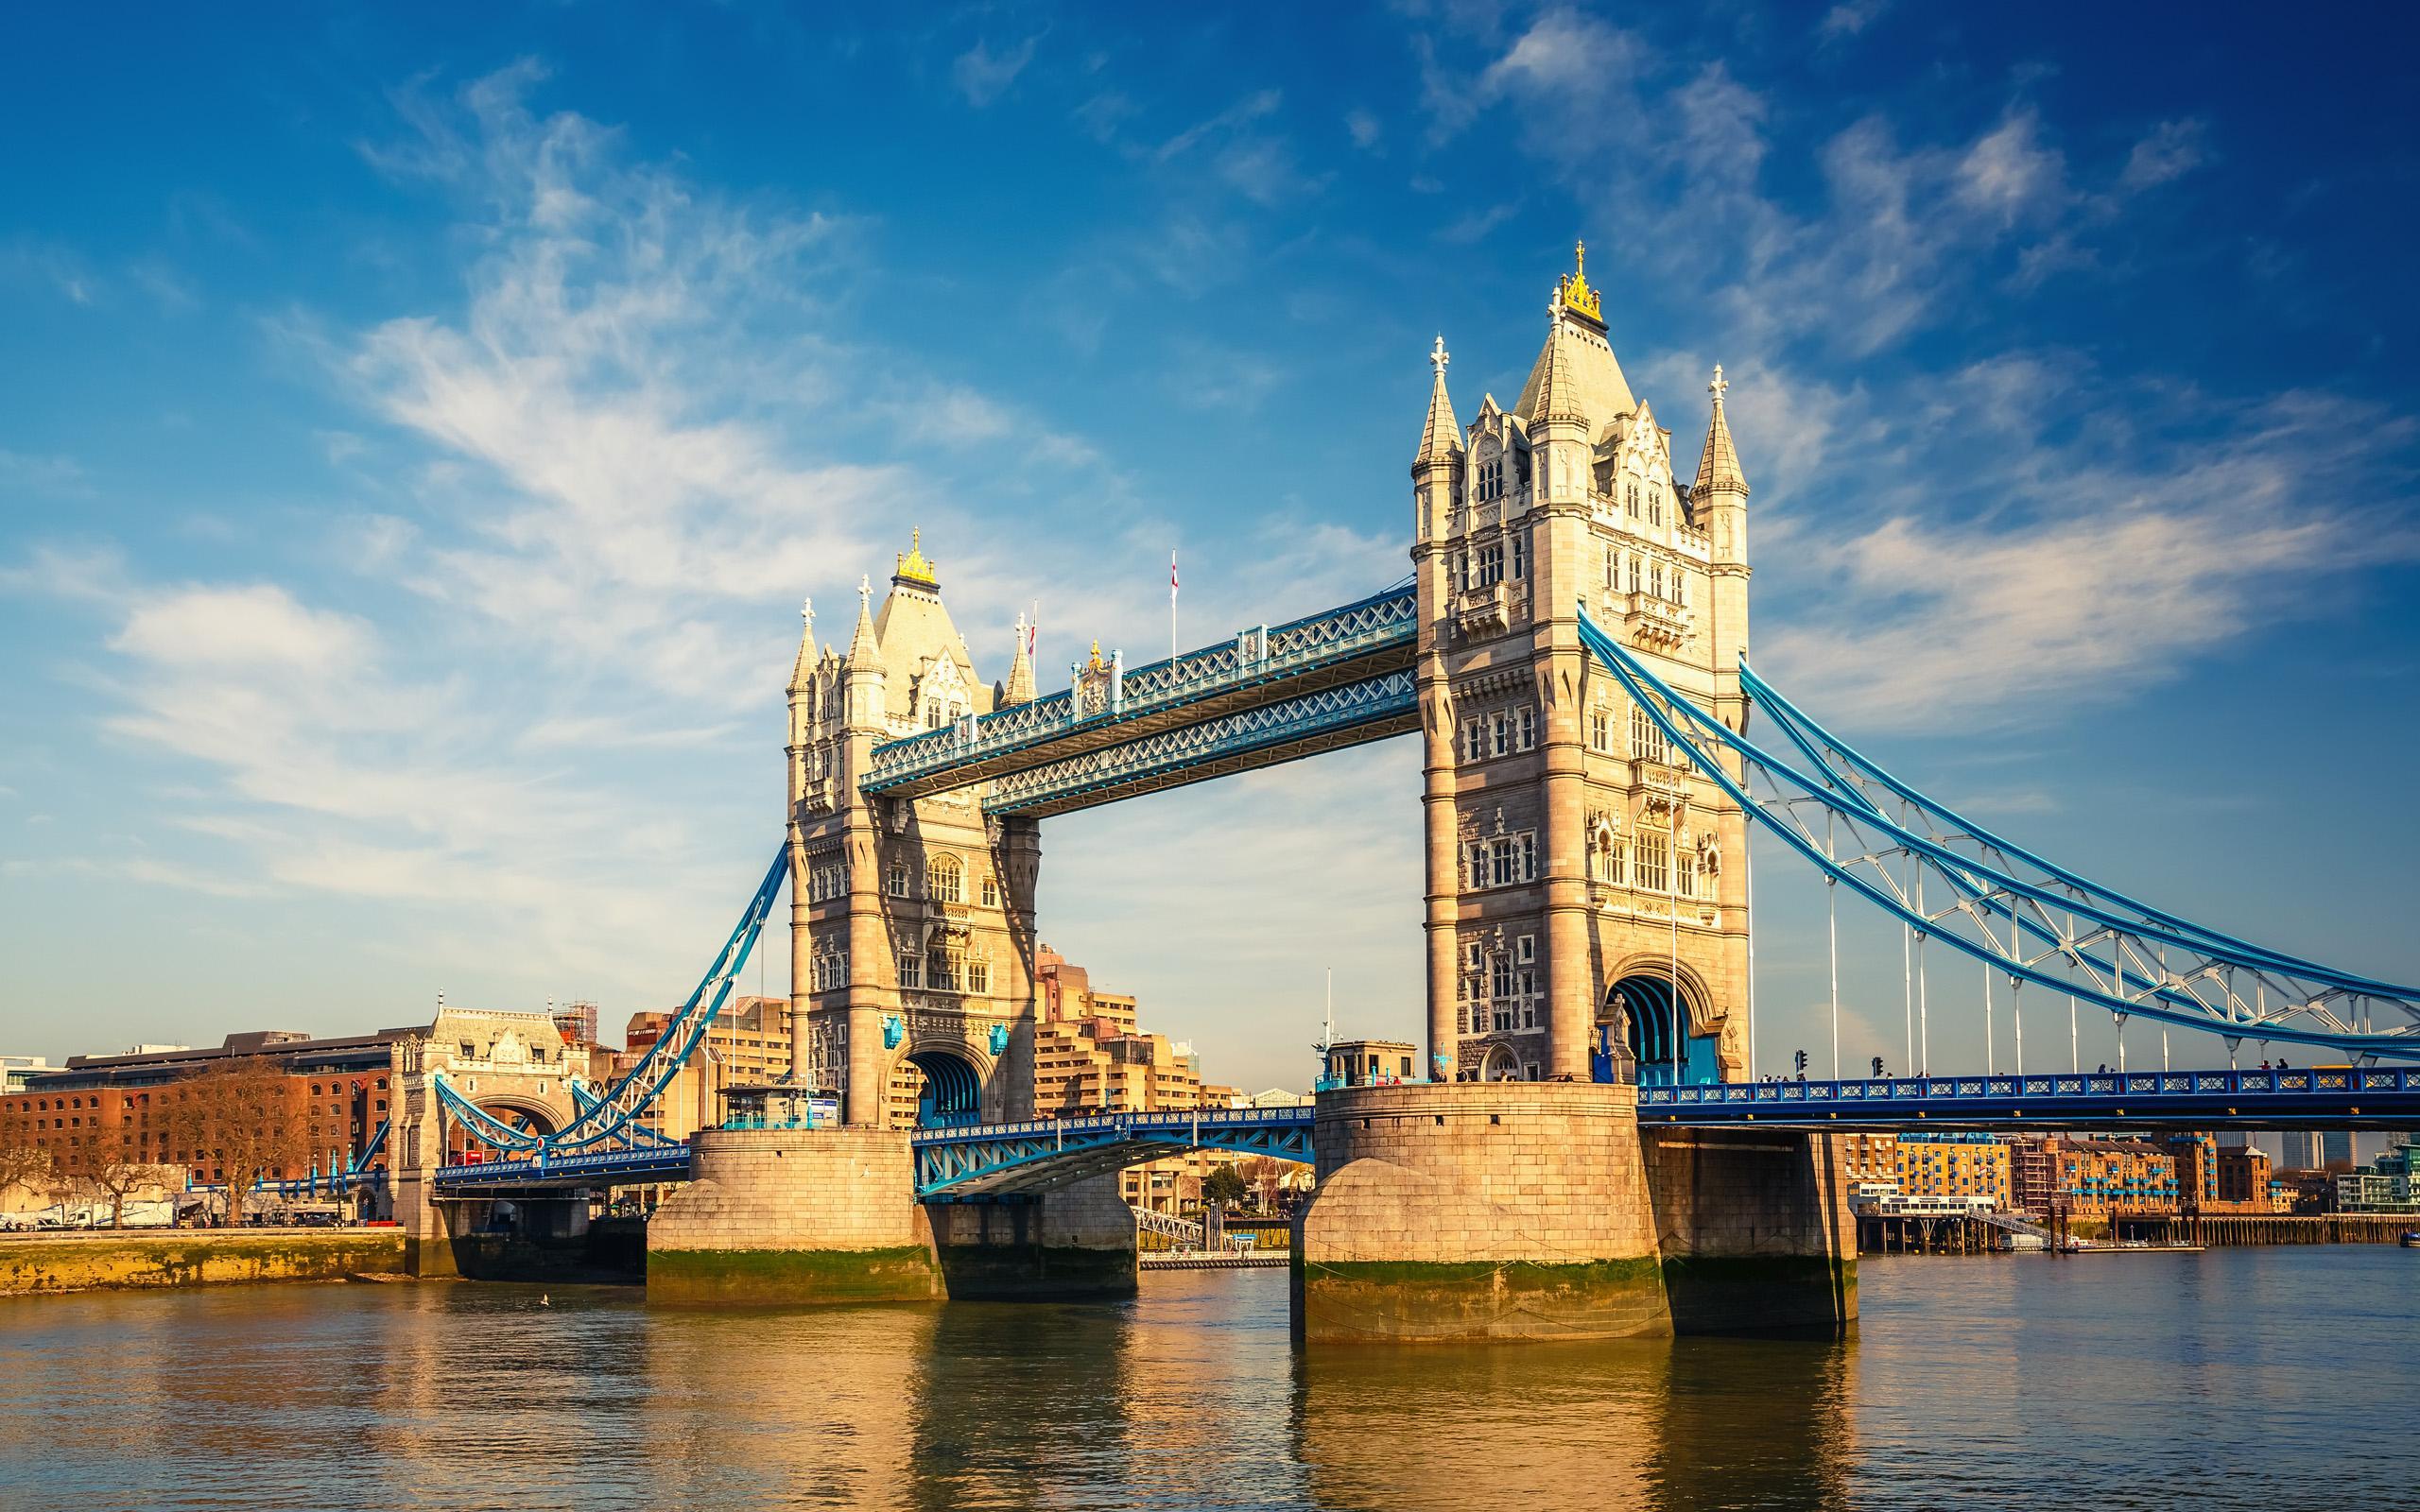 英国留学:英国硕士留学offer中一定会提的三大要求